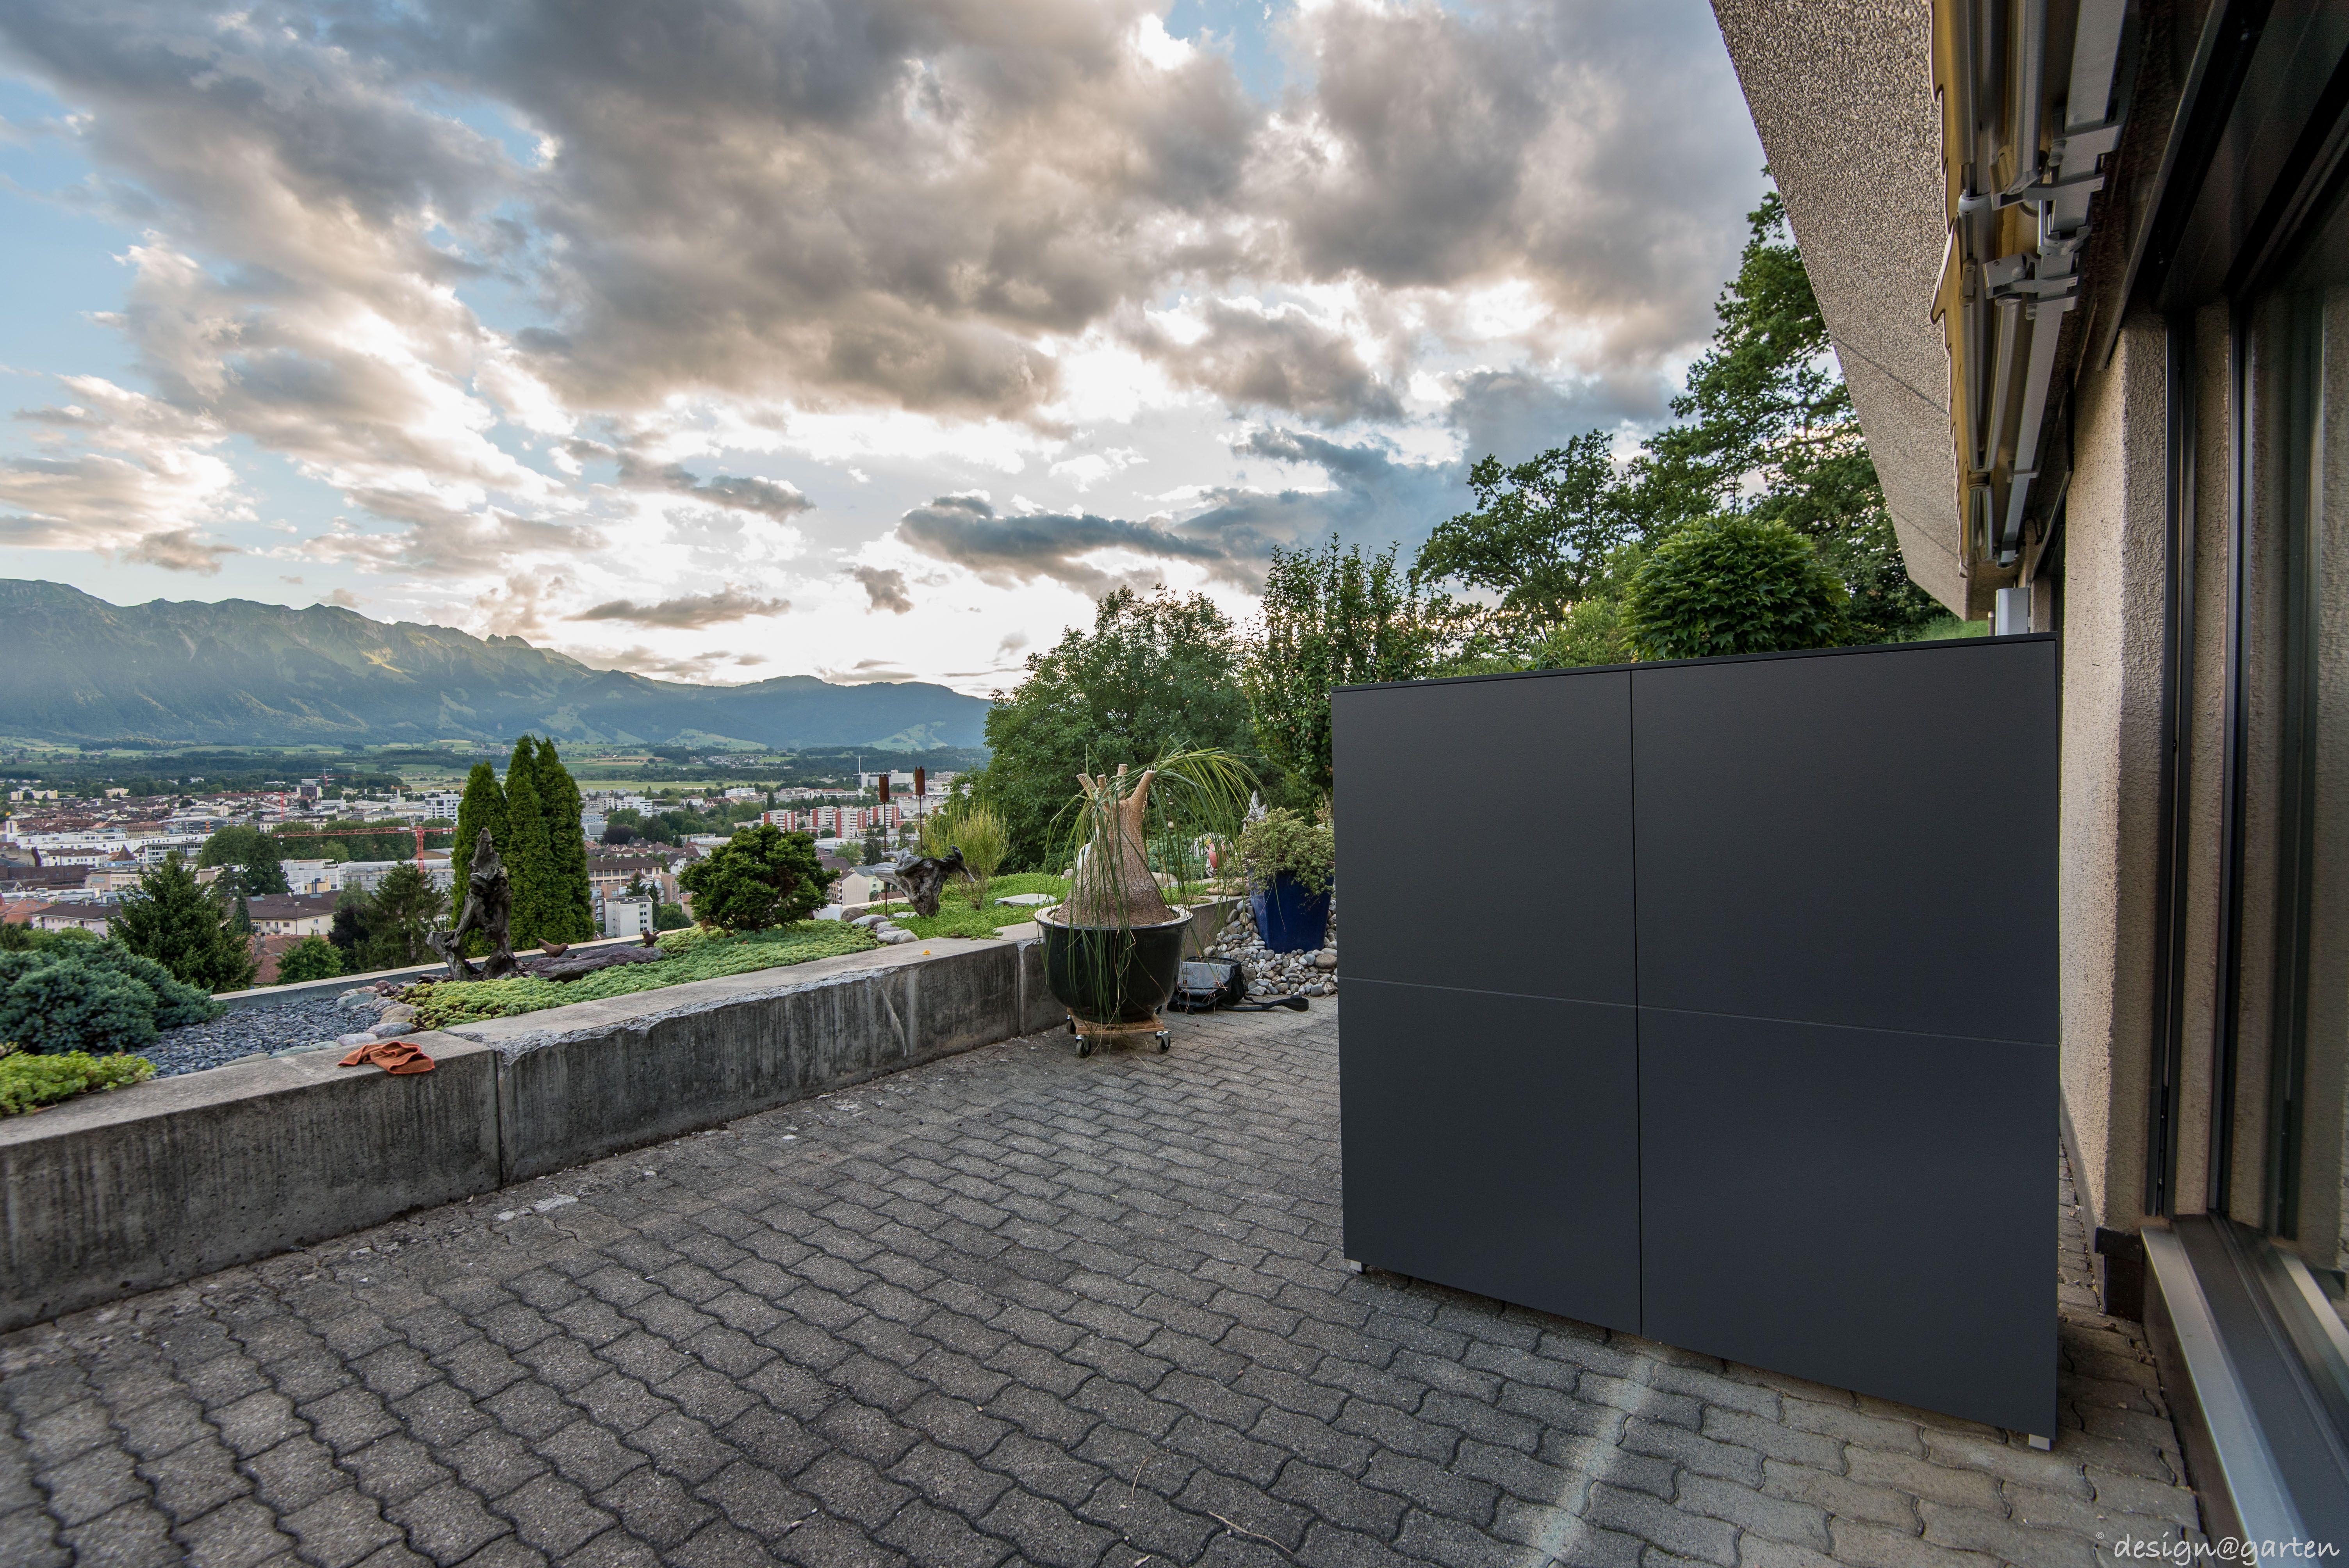 Terrassenschrank Win Nach Mass By Design Garten In Thun Schweiz Hier Als Raumteiler Farbe Anthrazit Uv Bestandig We Gartenschrank Garten Grundriss Garten